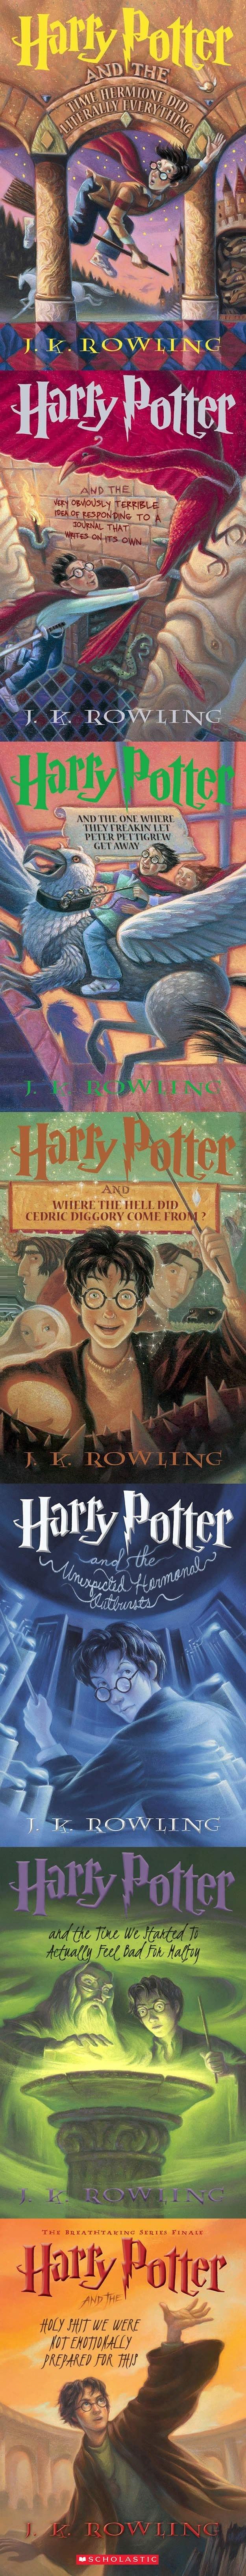 Honest HP book titles